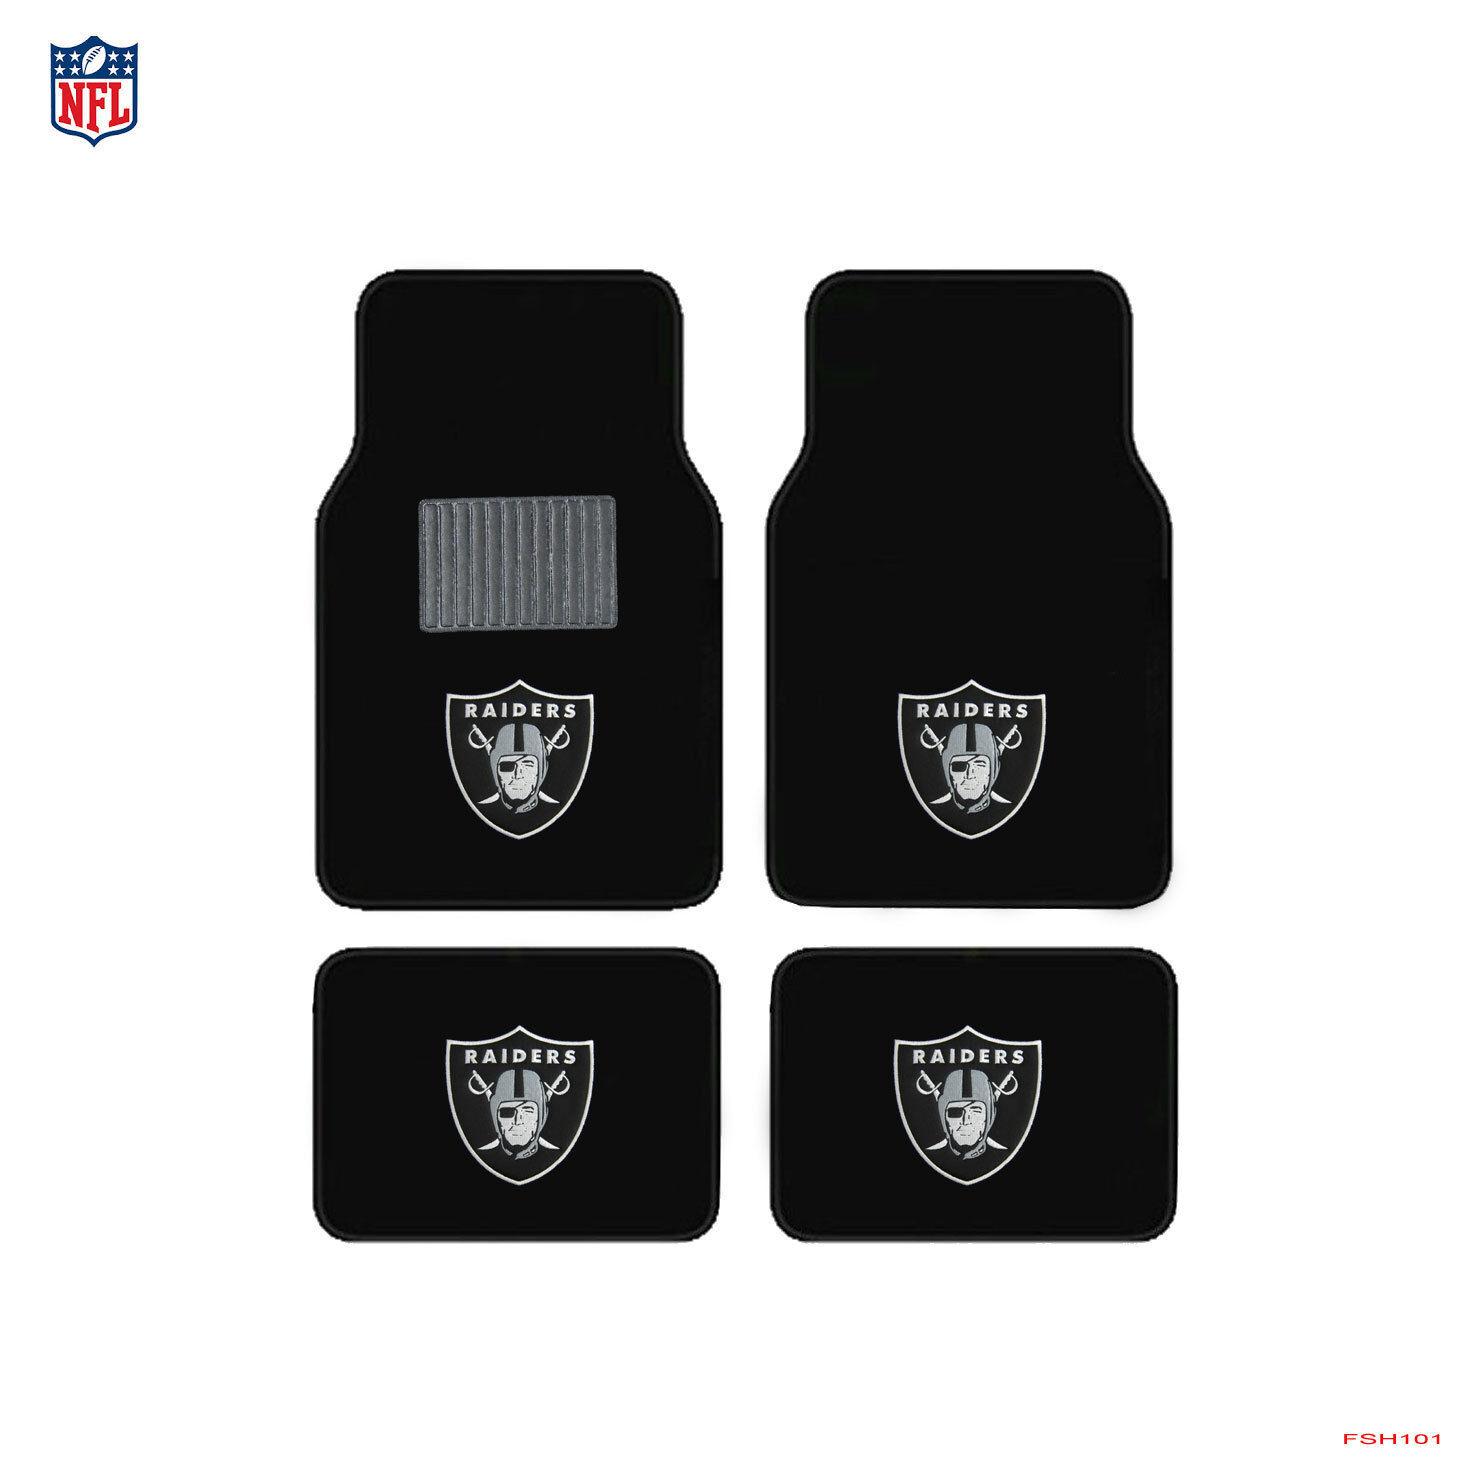 New 4pcs NFL Pick Your Team Car Truck Front Rear Back Carpet Floor Mats Set